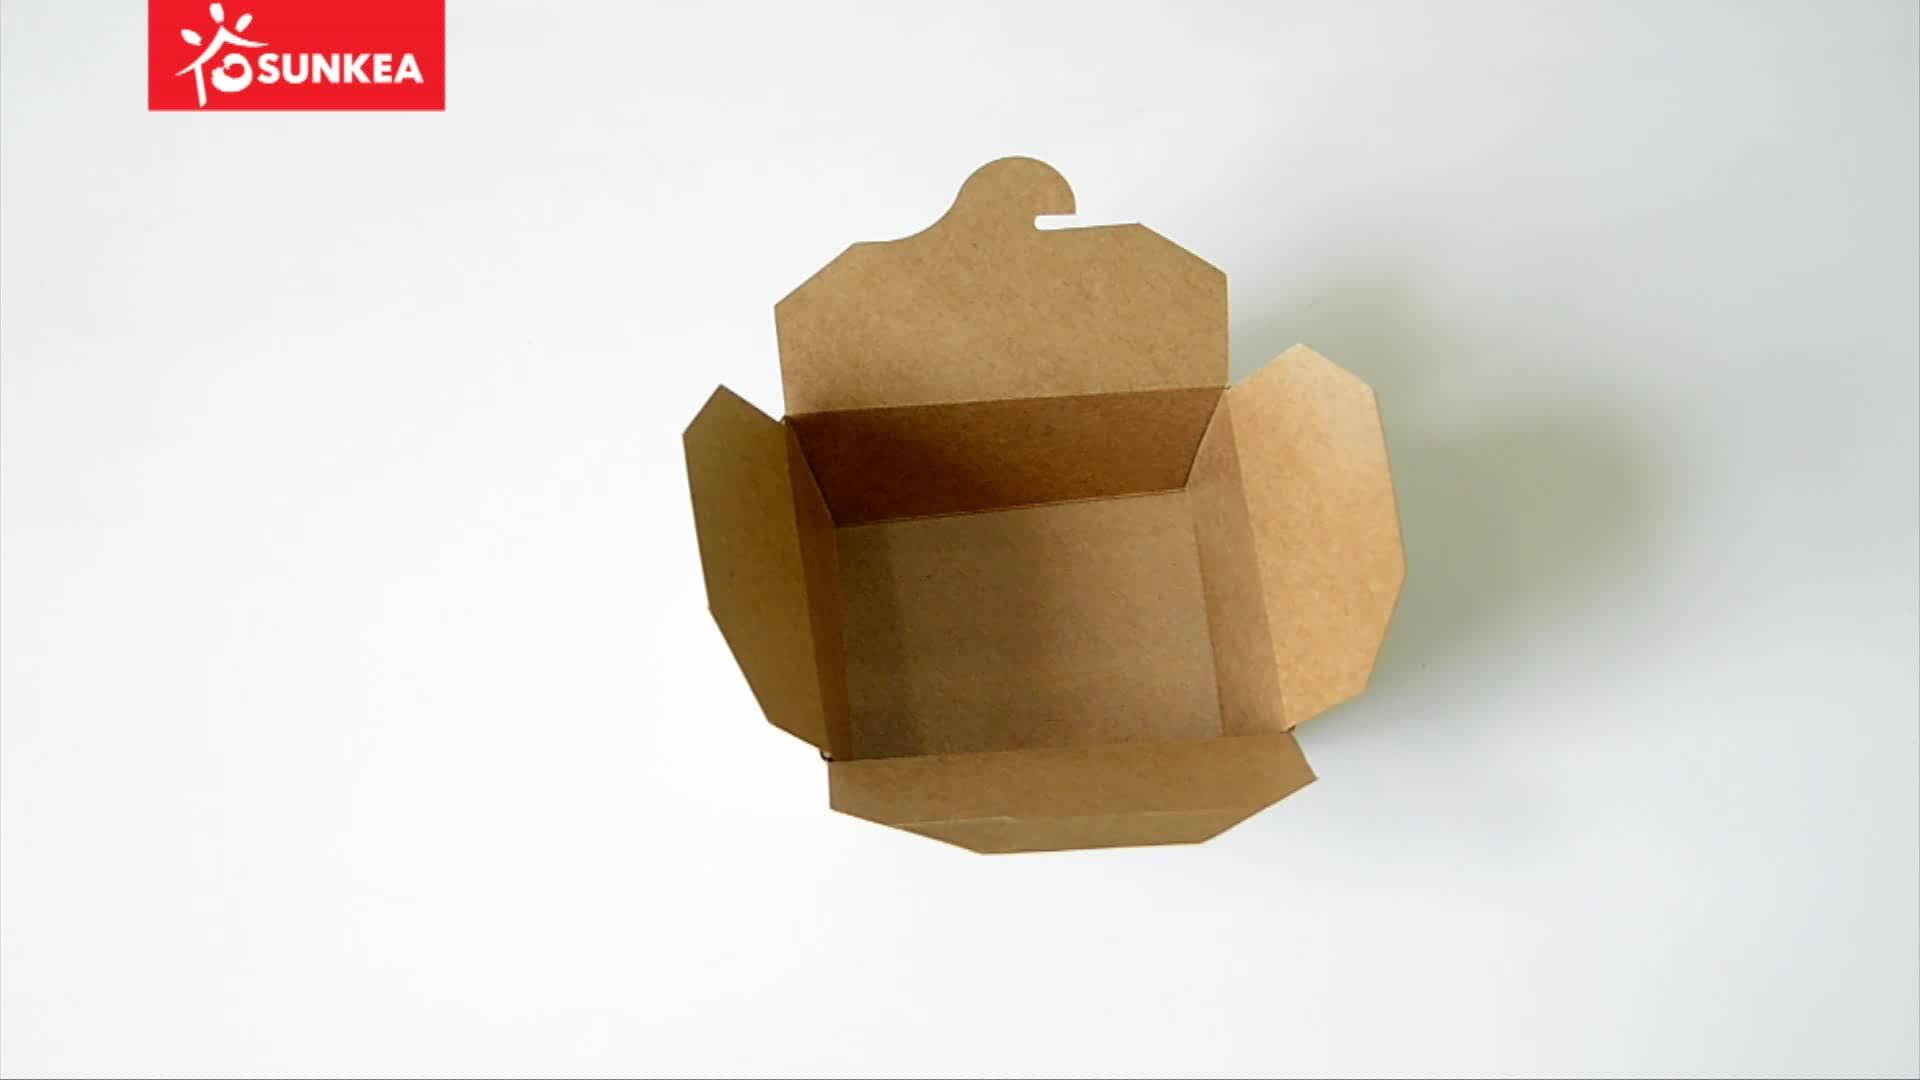 Descartáveis impressos personalizados caixa de papel kraft de alimentos almoço para alimentos